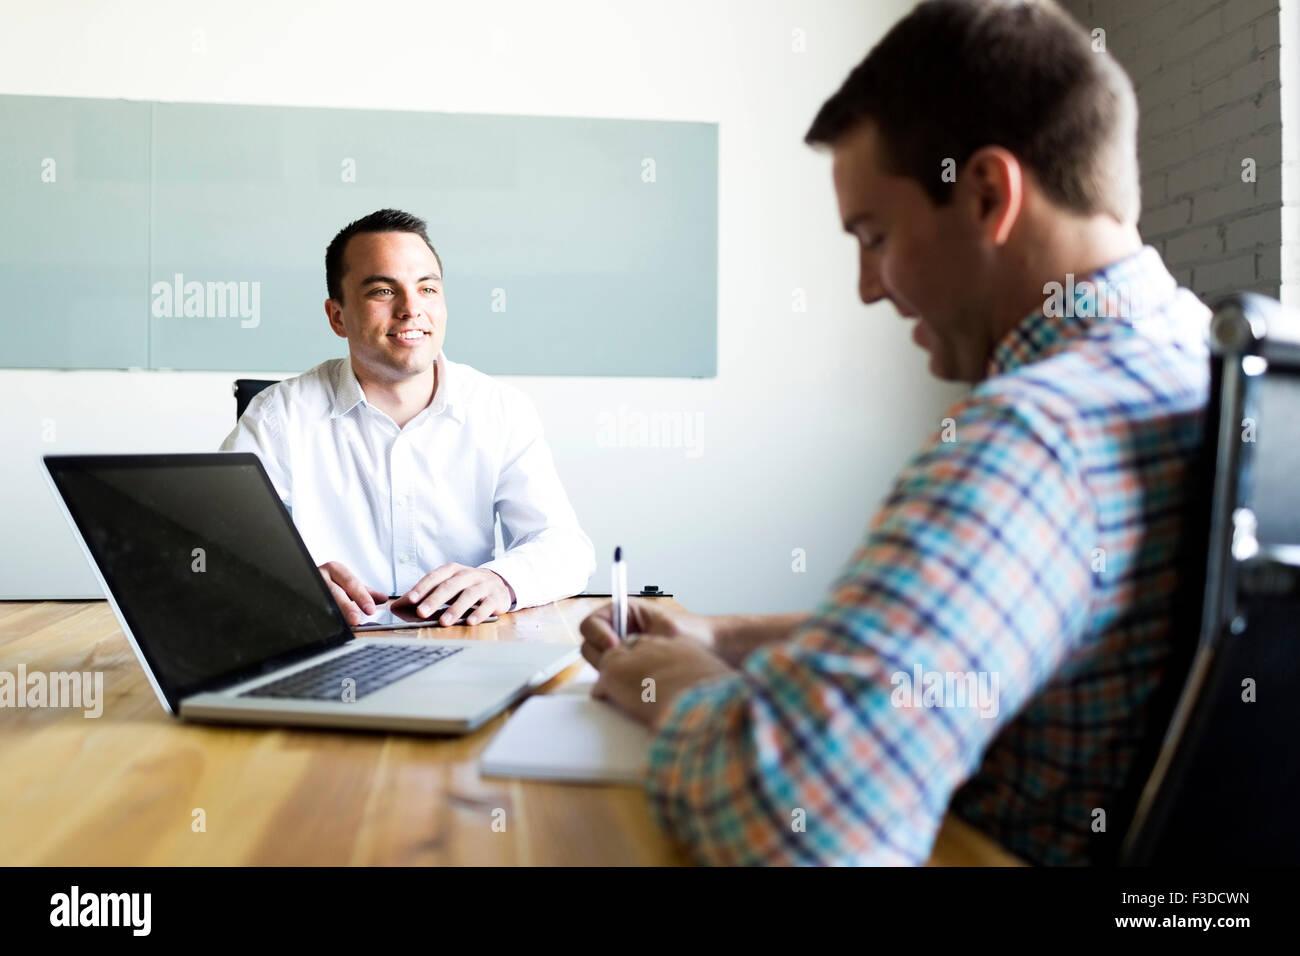 Hombre, siendo entrevistados en la sala Imagen De Stock